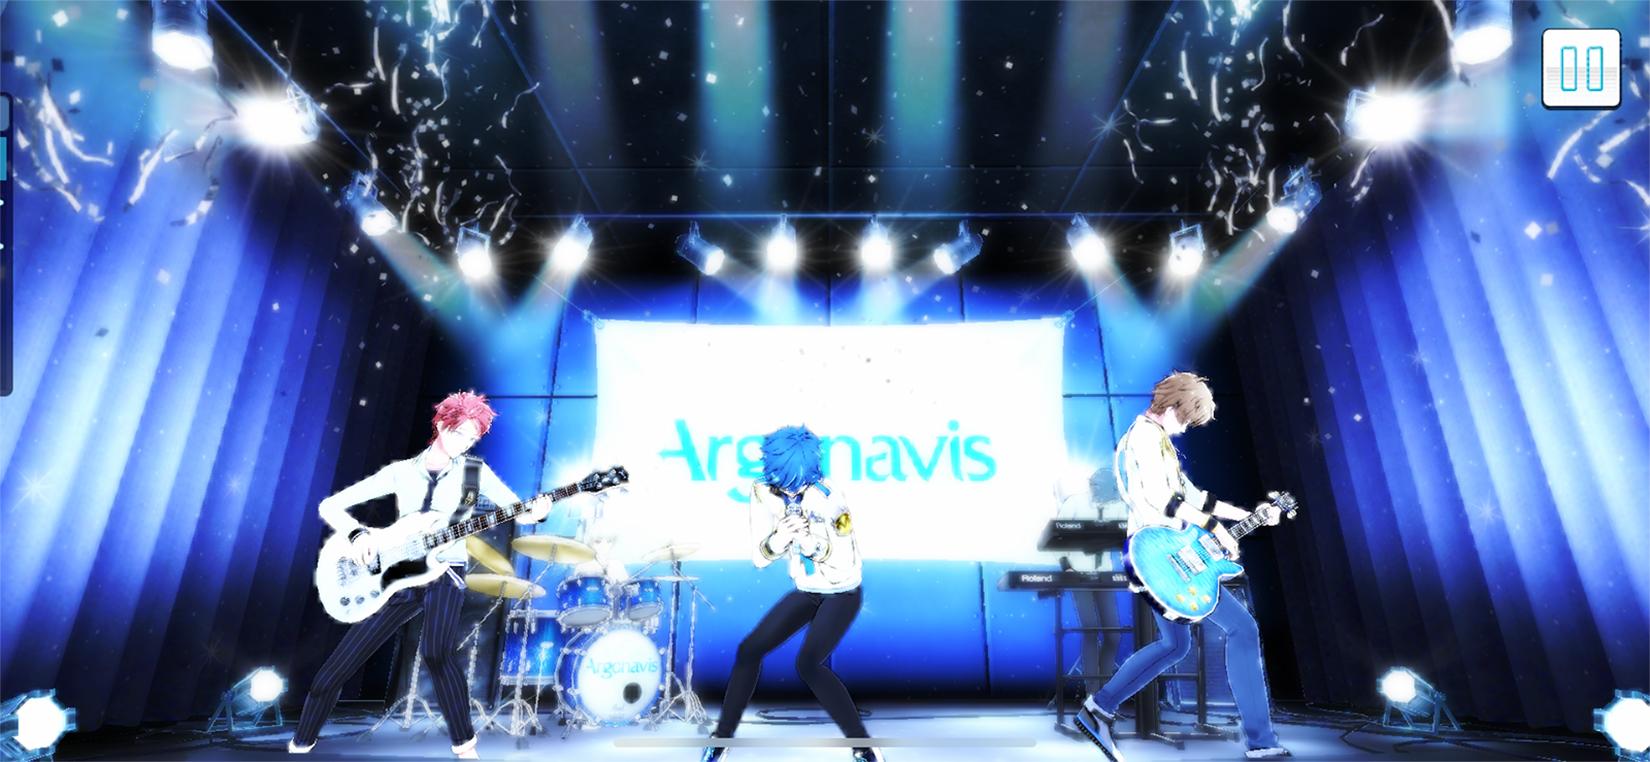 ゲーム「AAside」のプレイ画面 (C)ARGONAVIS project. (C)DeNA Co., Ltd. All rights reserved. (C)bushiroad All Rights Reserved.